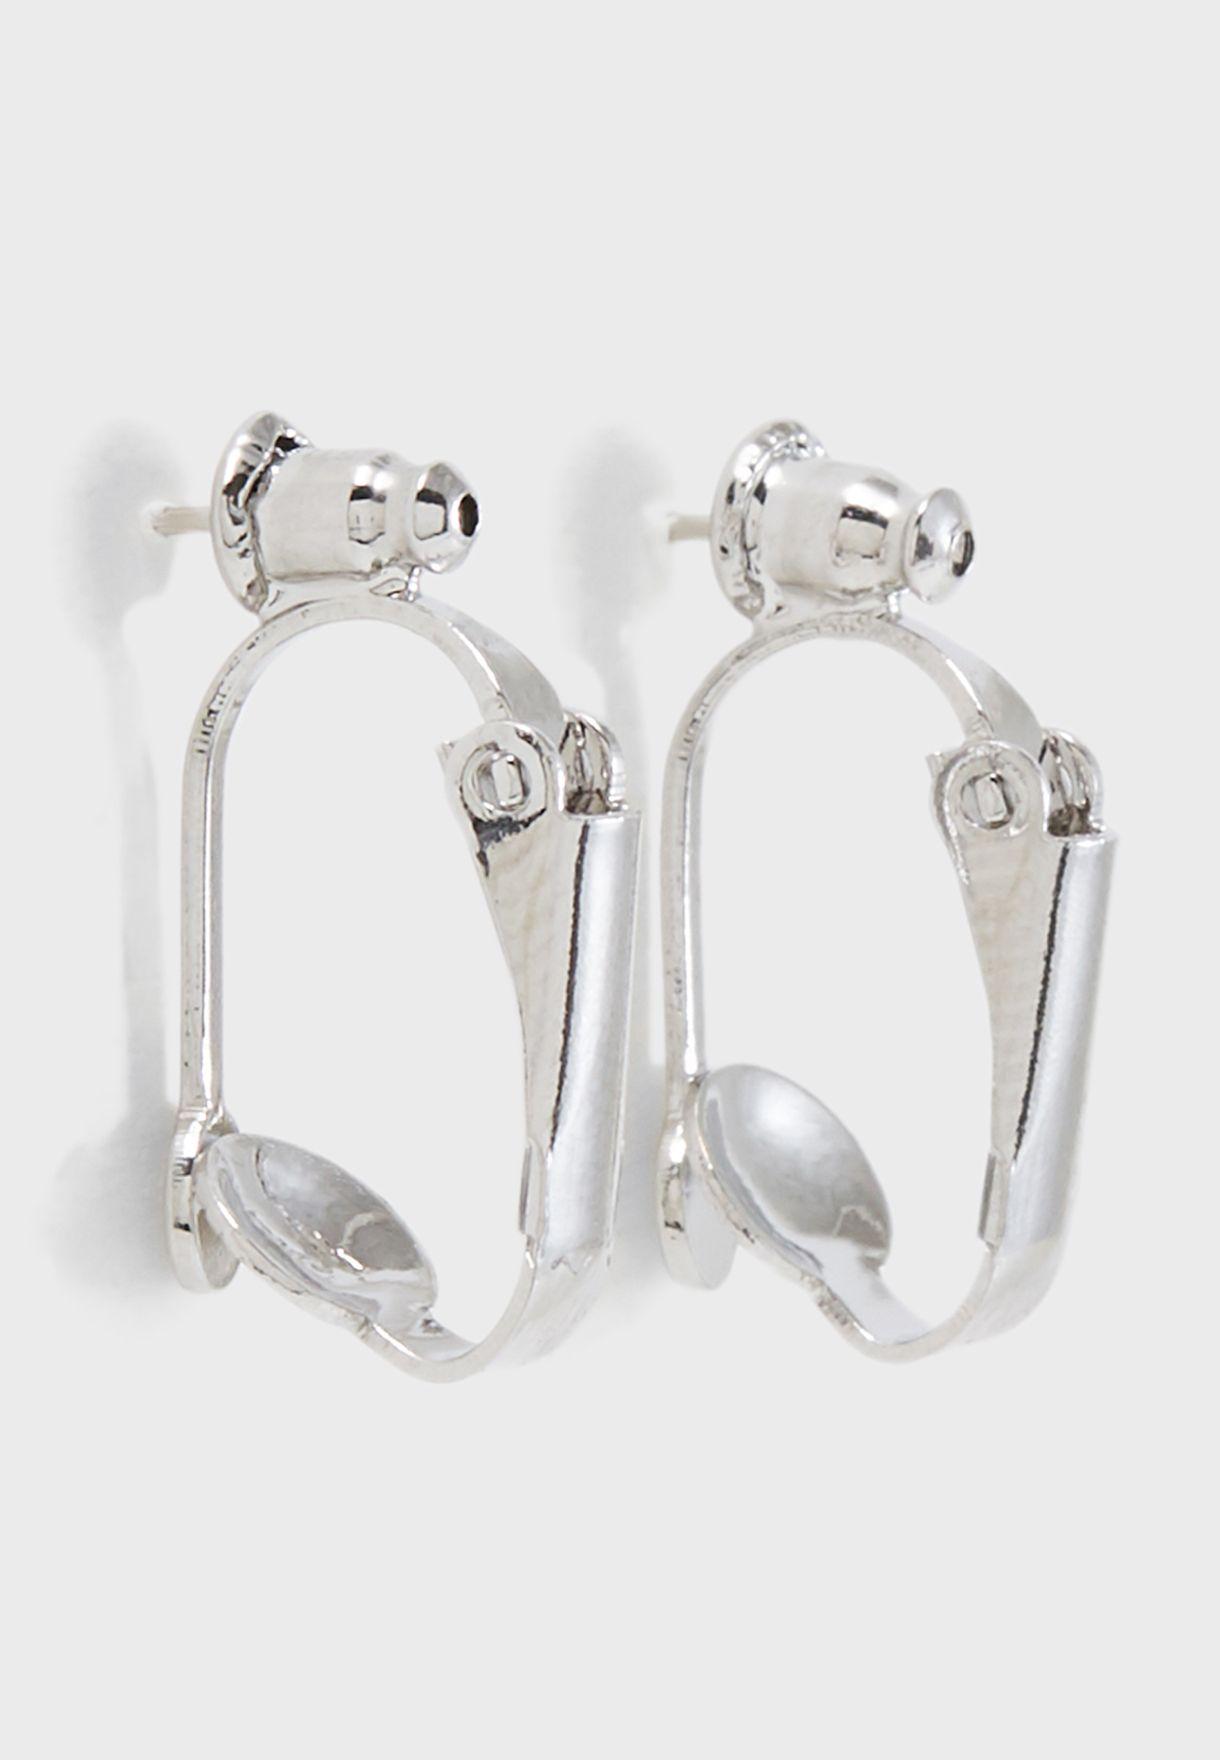 Thelalia Earrings